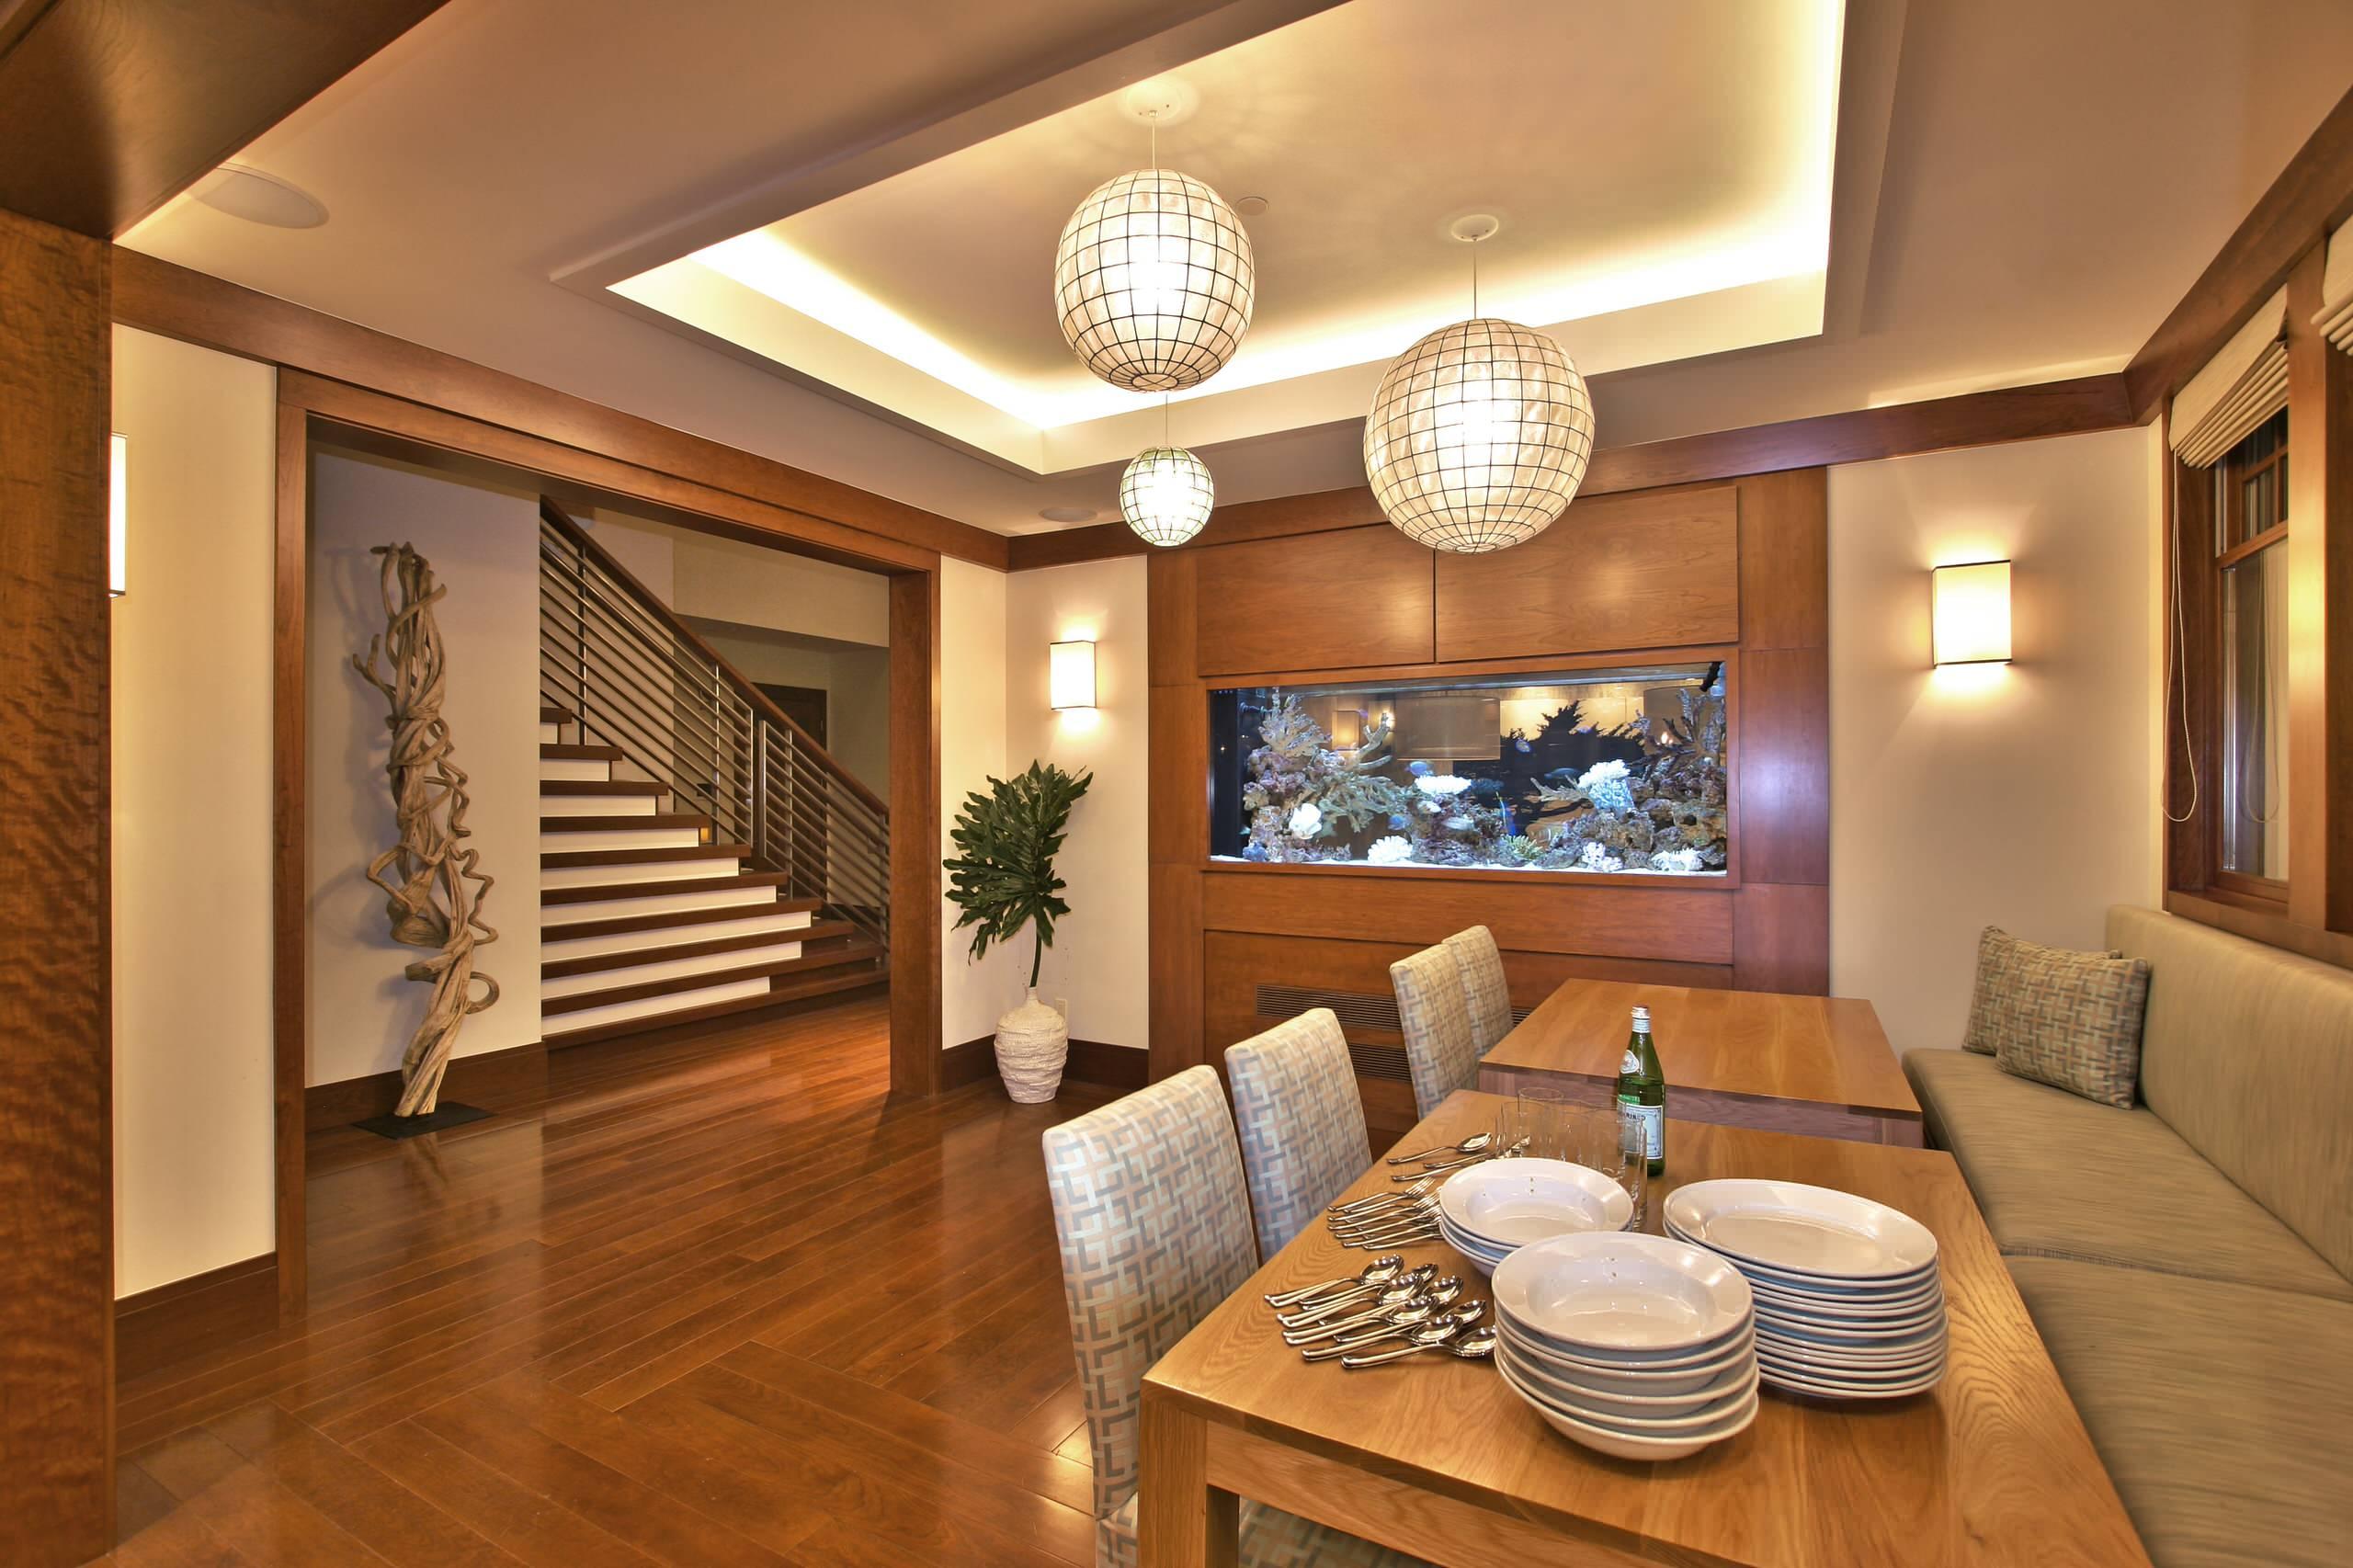 Sanca De Gesso 69 Modelos Para Deixar Sua Casa Sofisticada